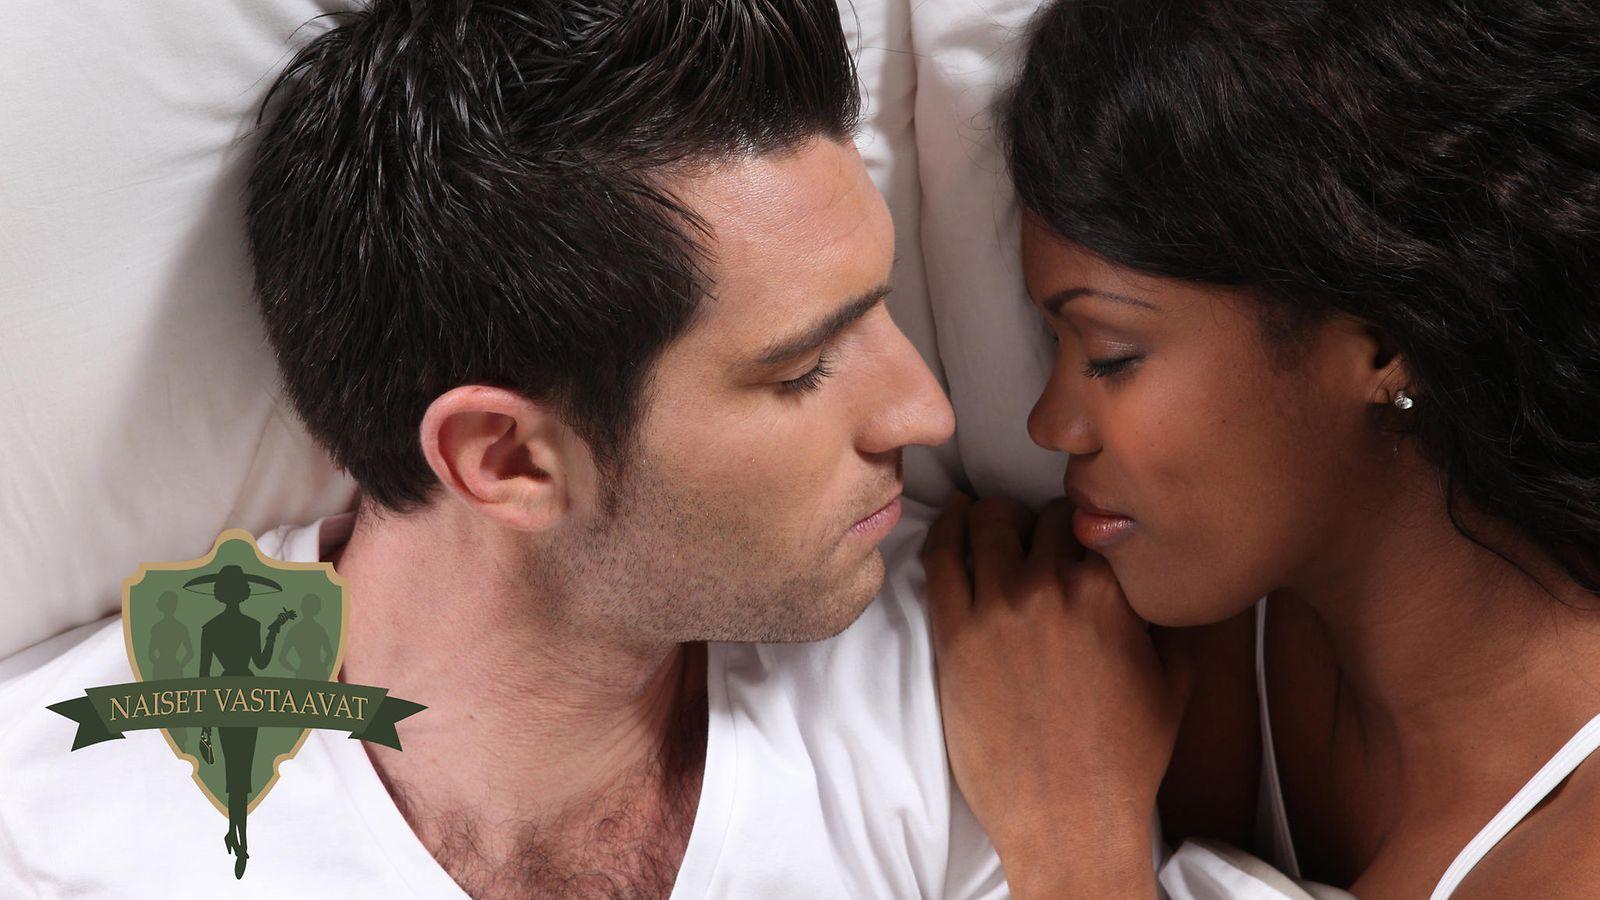 mies haluaa tapailla mutta ei seurustella Karkkila